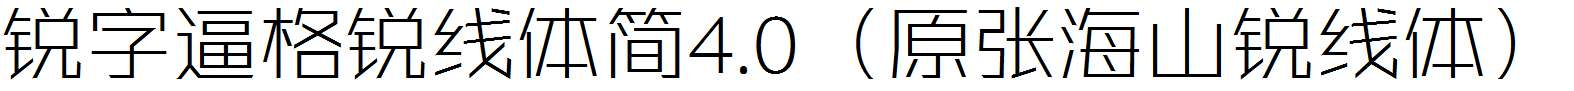 锐字逼格锐线体简4.0(原张海山锐线体)